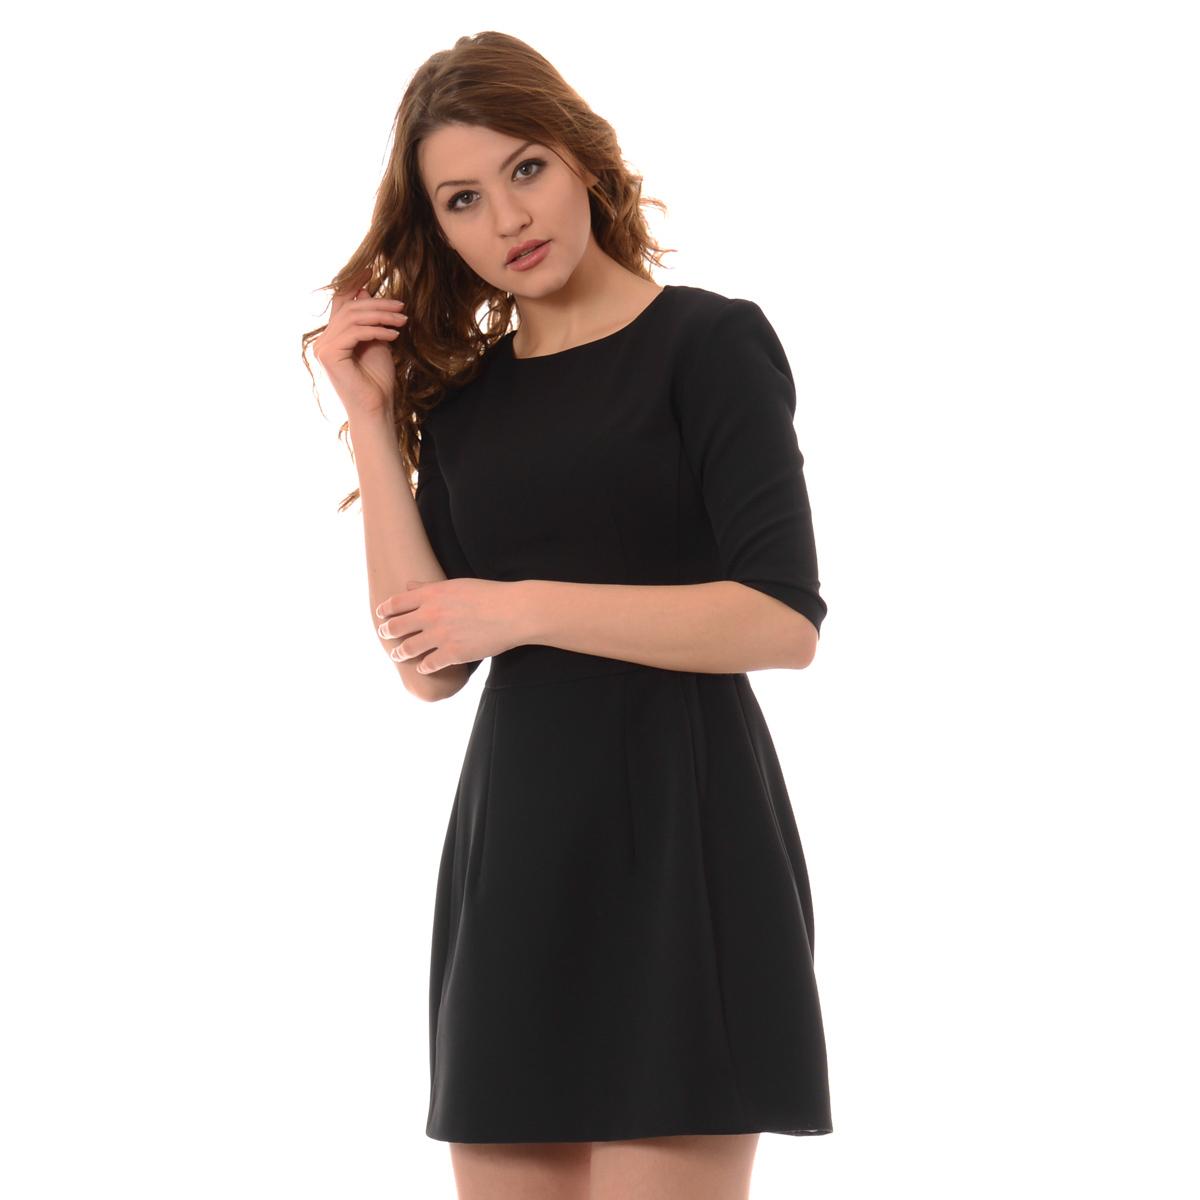 f776f8eb3e Mała Czarna Rozkloszowana Tonia Sukienka · Mała Czarna Rozkloszowana Tonia  Sukienka ...